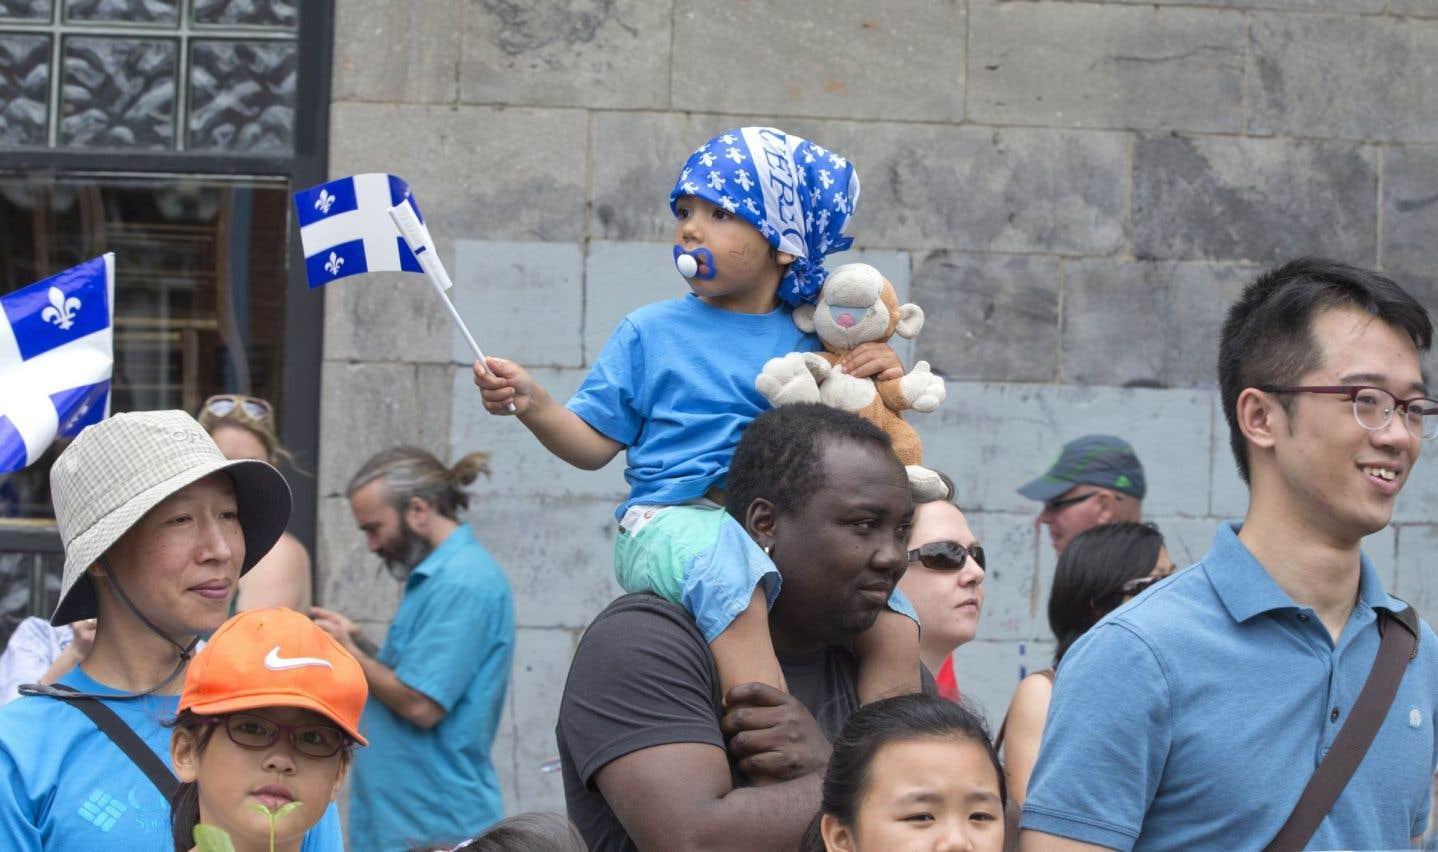 On remarque que la question de l'indépendance du Québec est en suspens depuis quelques années déjà, et les combats qui lui étaient autrefois associés tombent dans l'oubli.